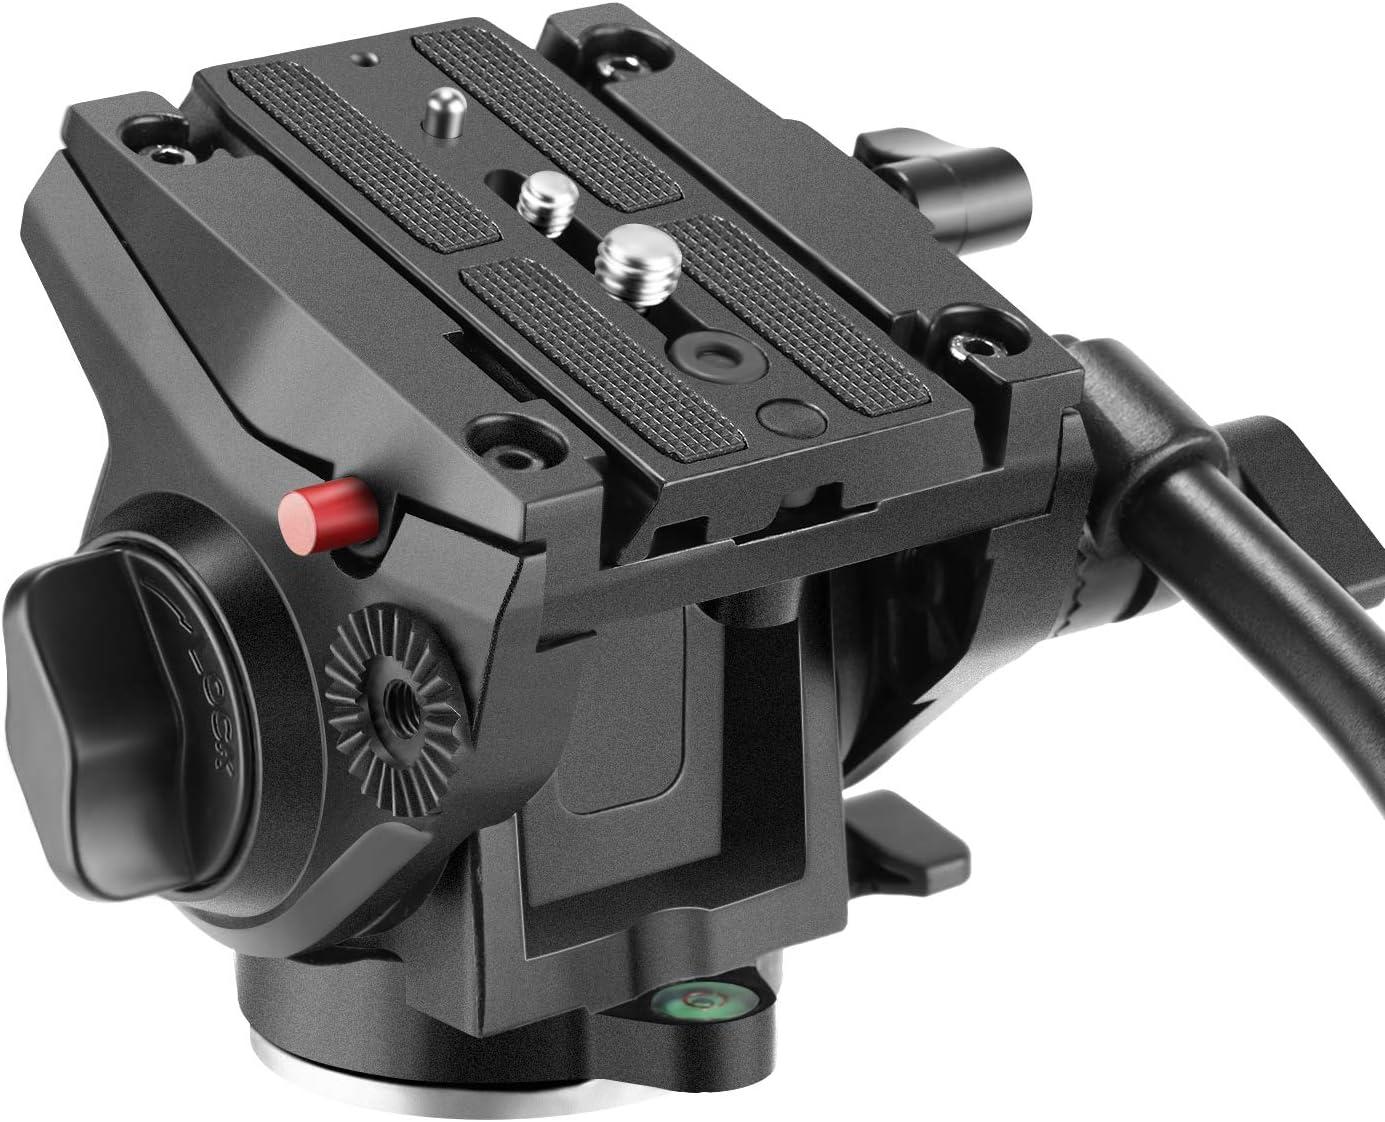 Neewer Heavy Duty Video Kamera Stativ Fluidkopf Kamera